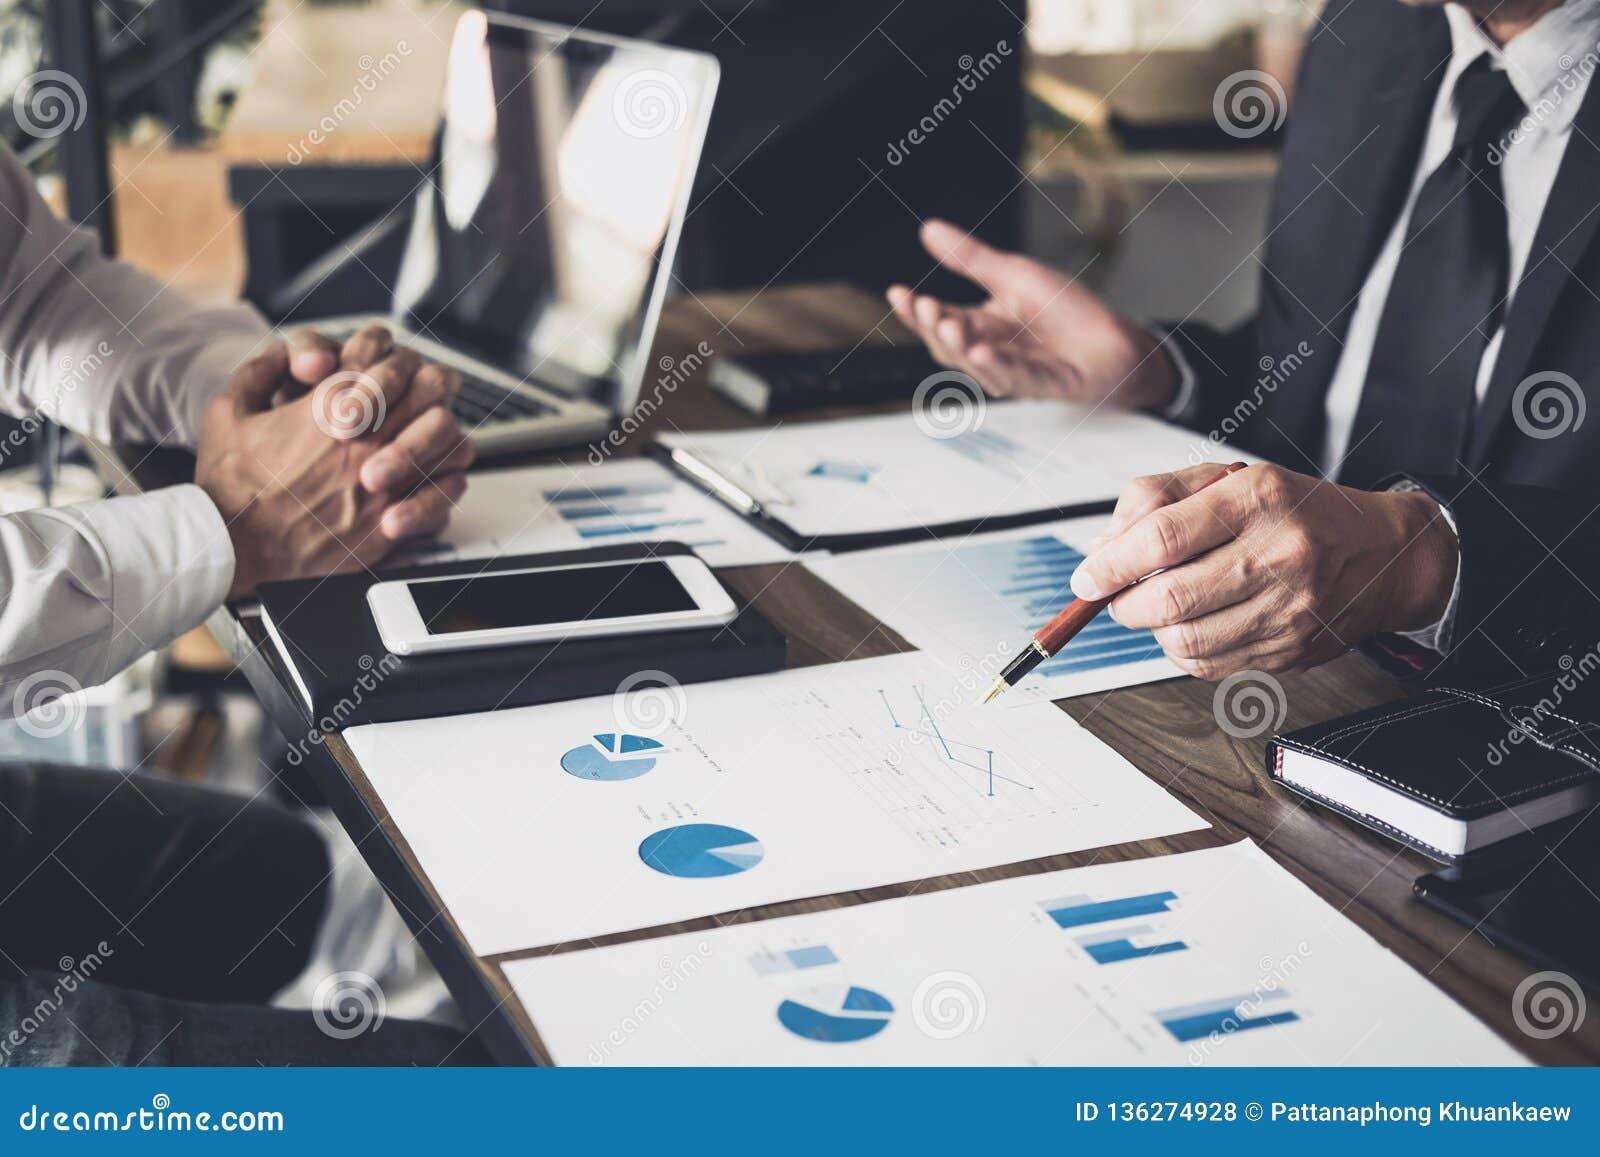 Co pracująca konferencja, biznesu spotkania drużynowa teraźniejszość, inwestorów koledzy dyskutuje nowego planu wykresu pieniężny